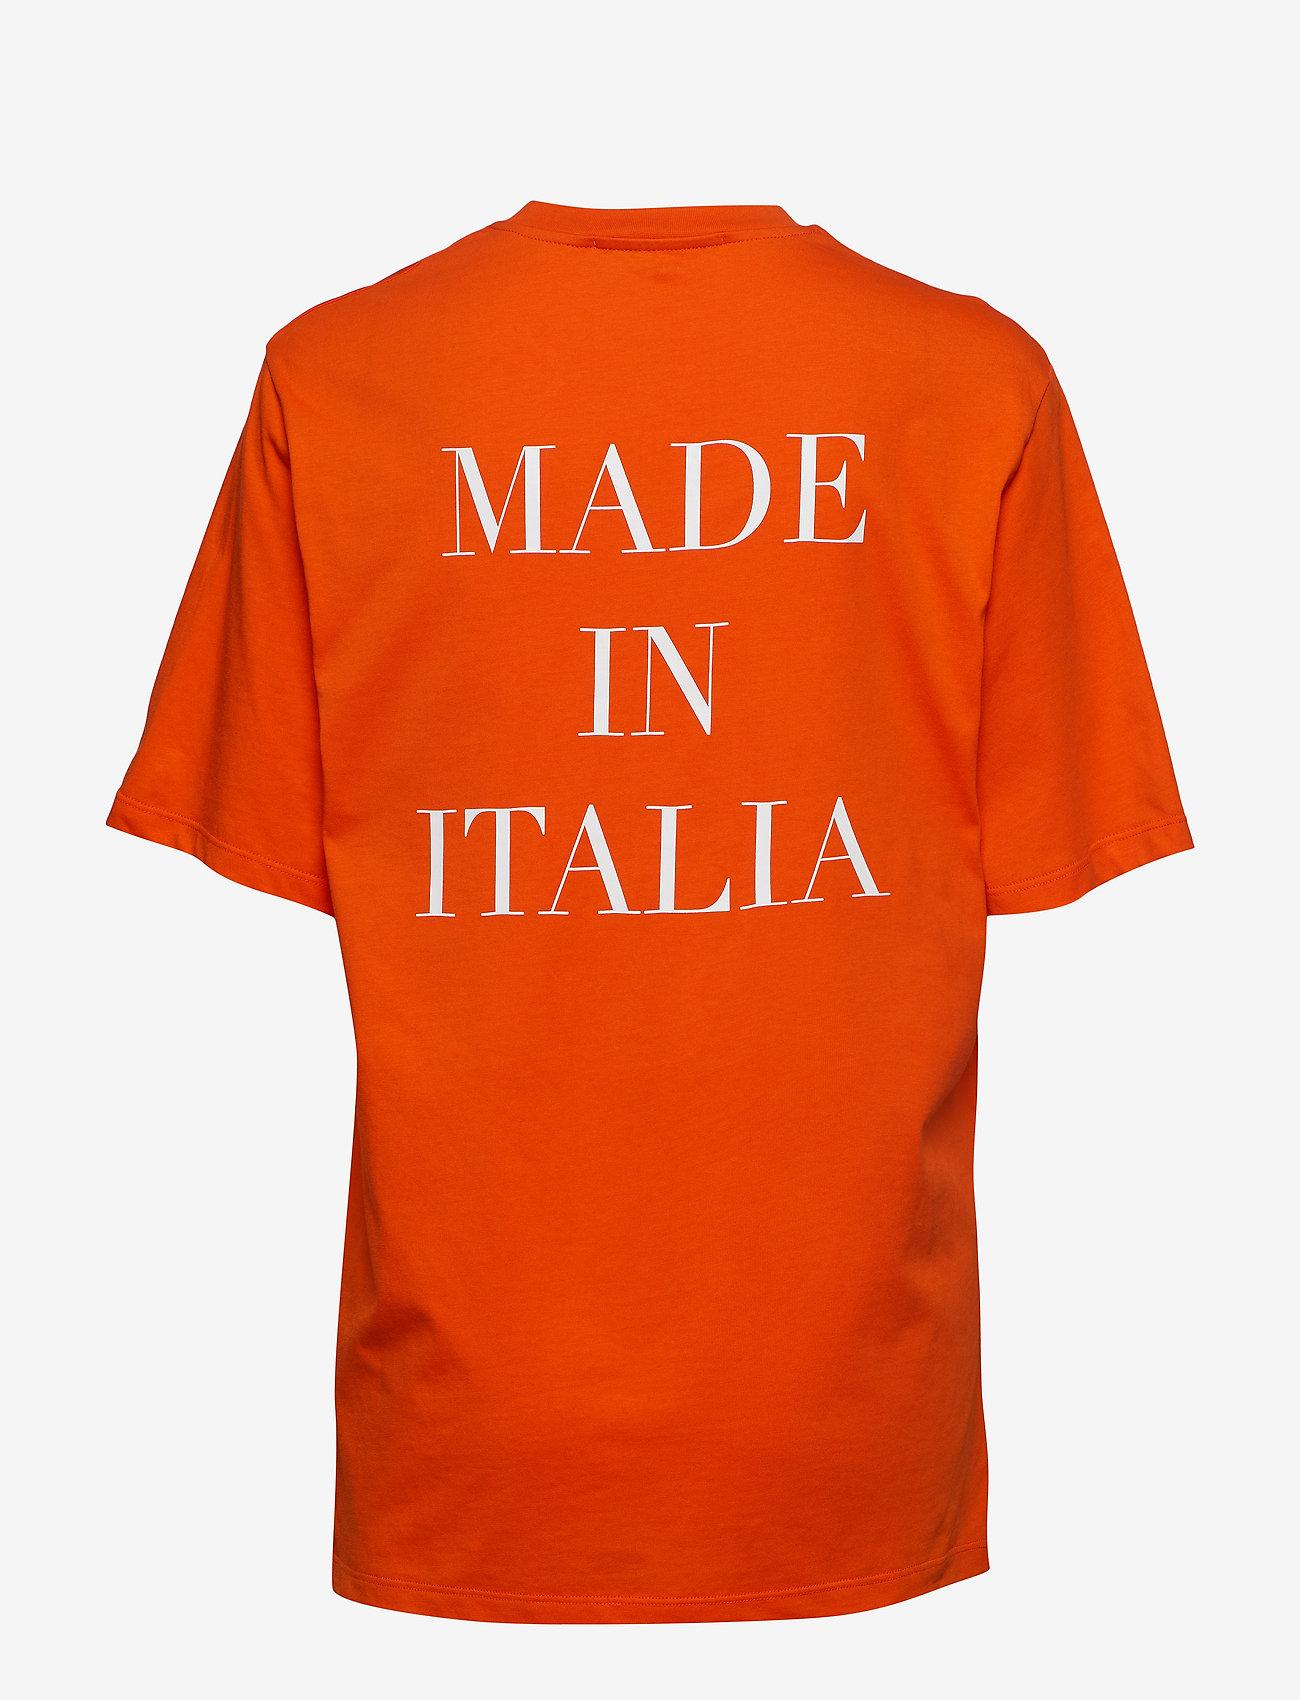 Msgm T-shirt - T-shirts & Tops